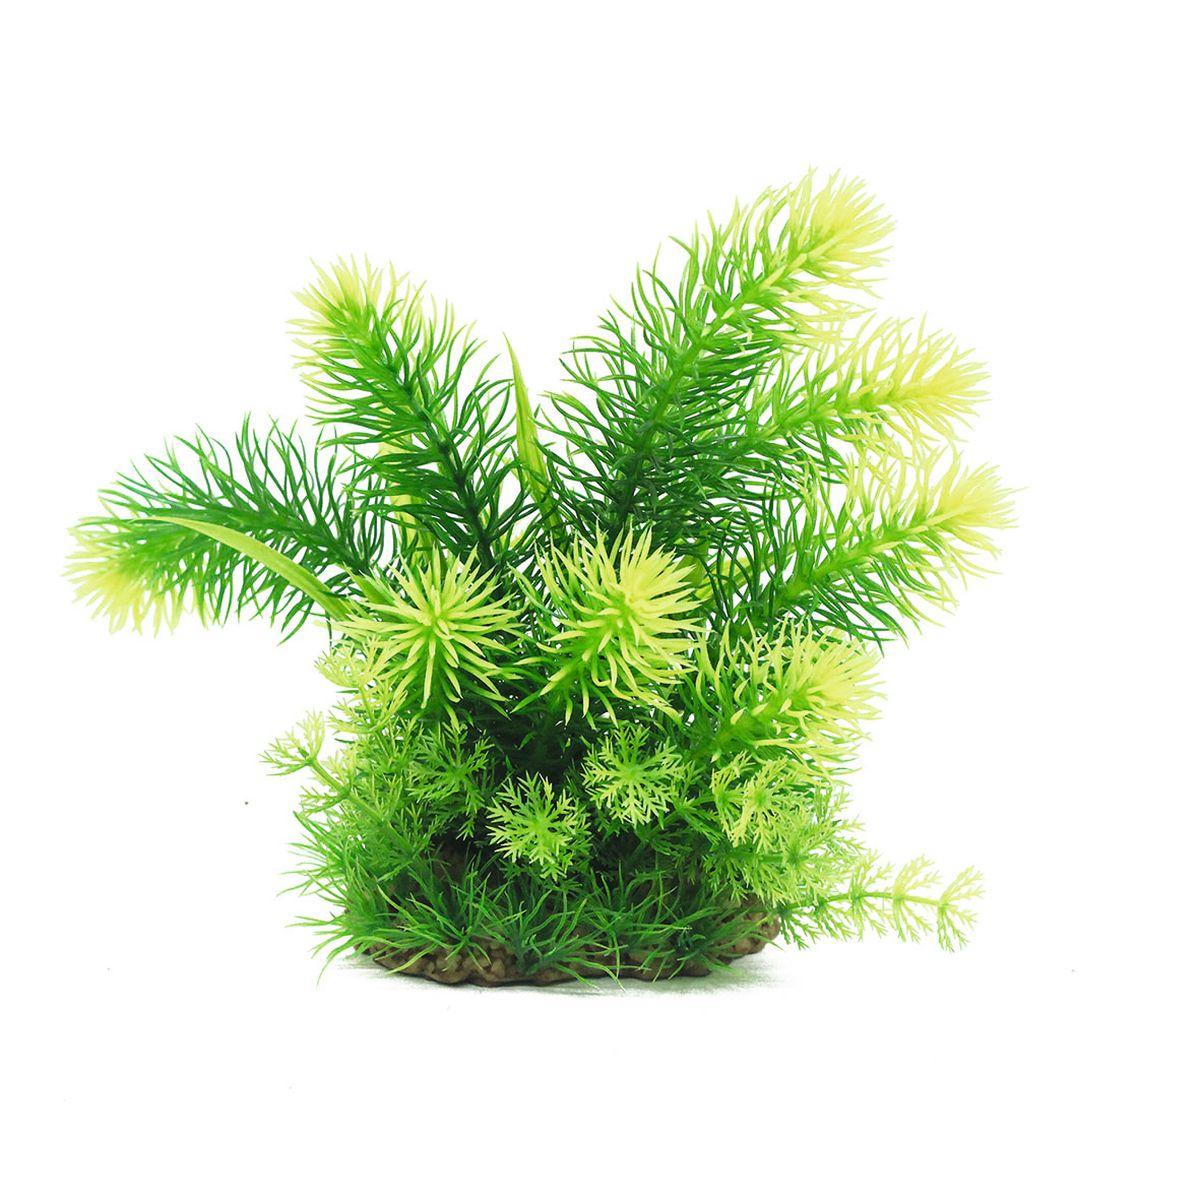 Растение для аквариума ArtUniq Погостемон эректус, высота 20 см0120710Композиция из искусственных растений ArtUniq превосходно украсит и оживит аквариум.Растения - это важная часть любой композиции, они помогут вдохнуть жизнь в ландшафт любого аквариума или террариума. А их сходствос природными порадует даже самых взыскательных ценителей.